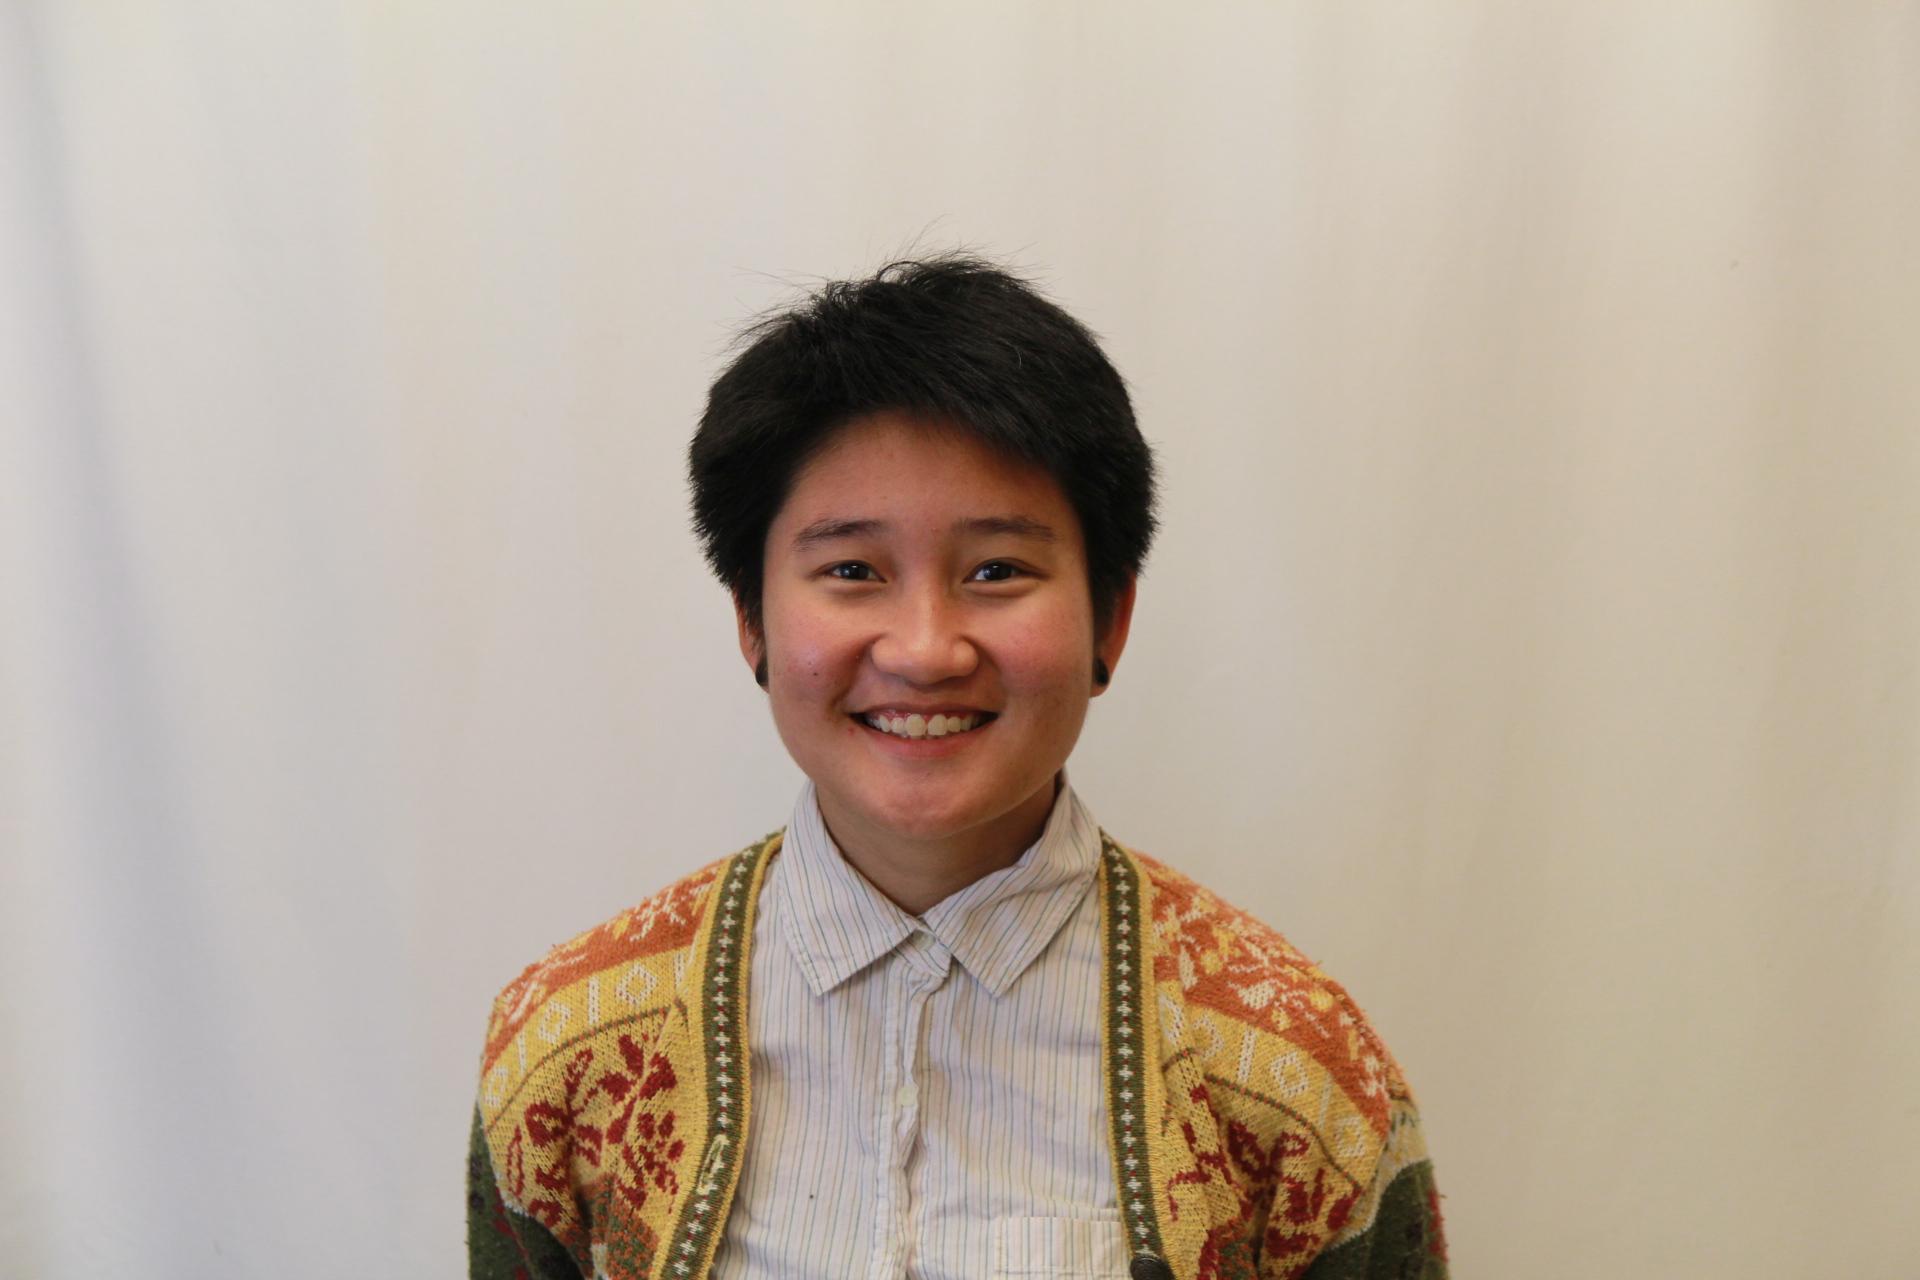 Judybelle Camangyan